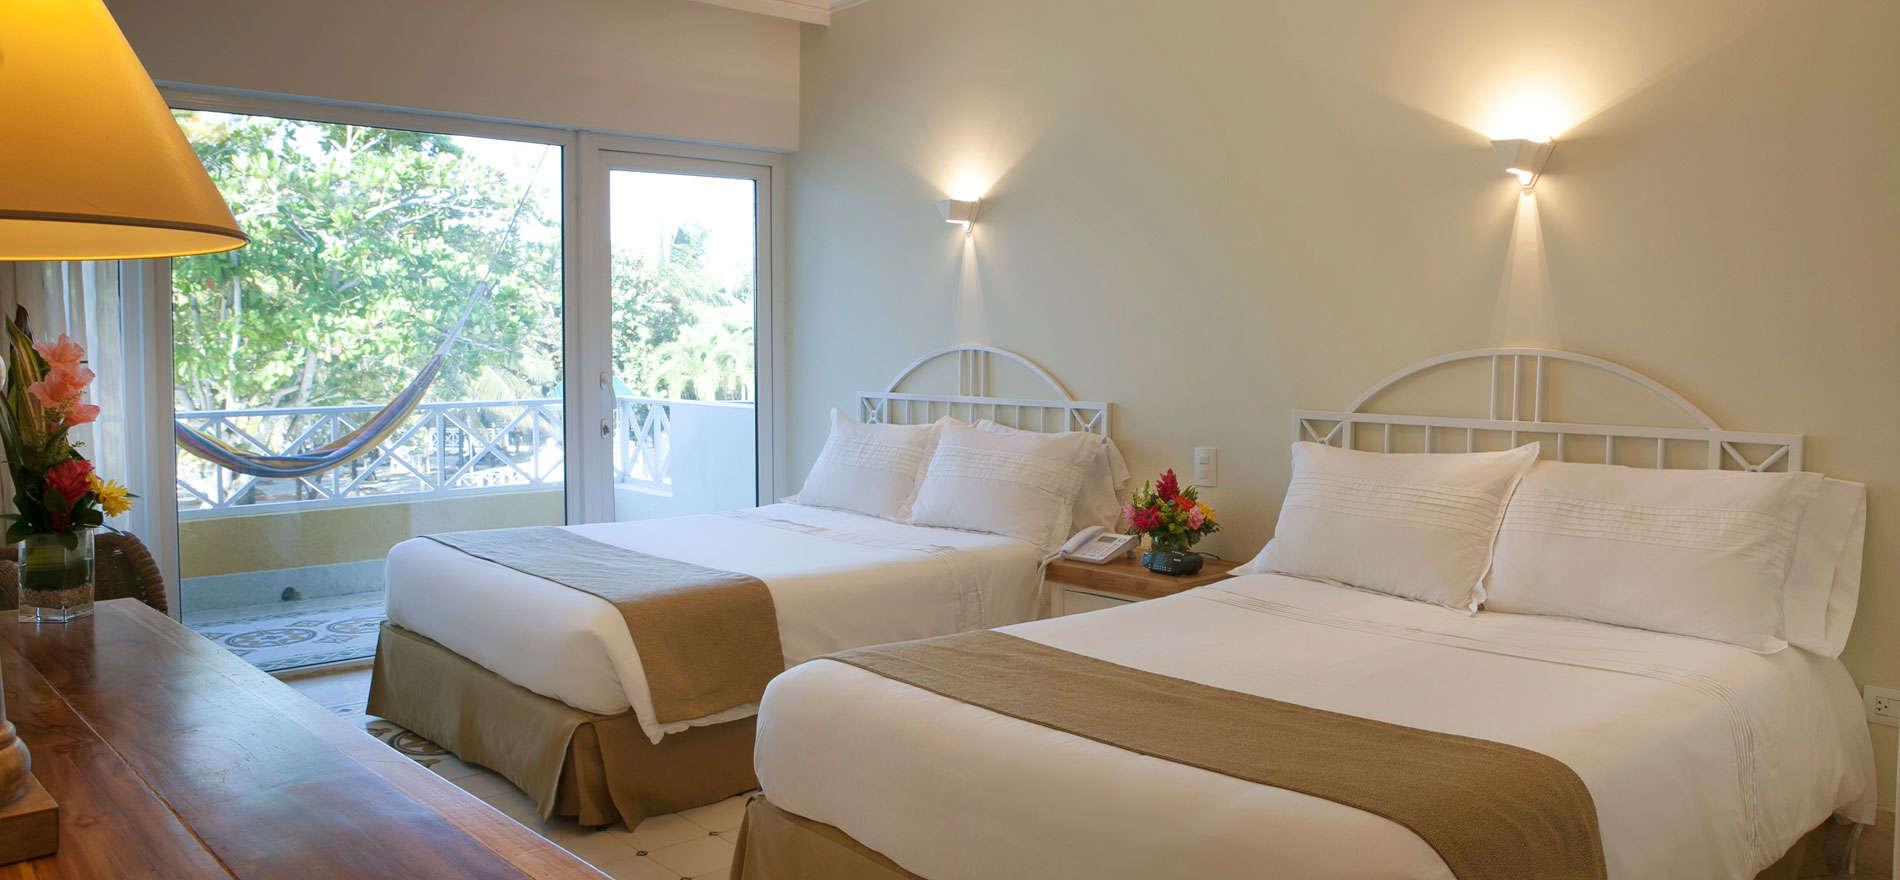 Habitaciones en cartagena Superior en el hotel Casa de Playa